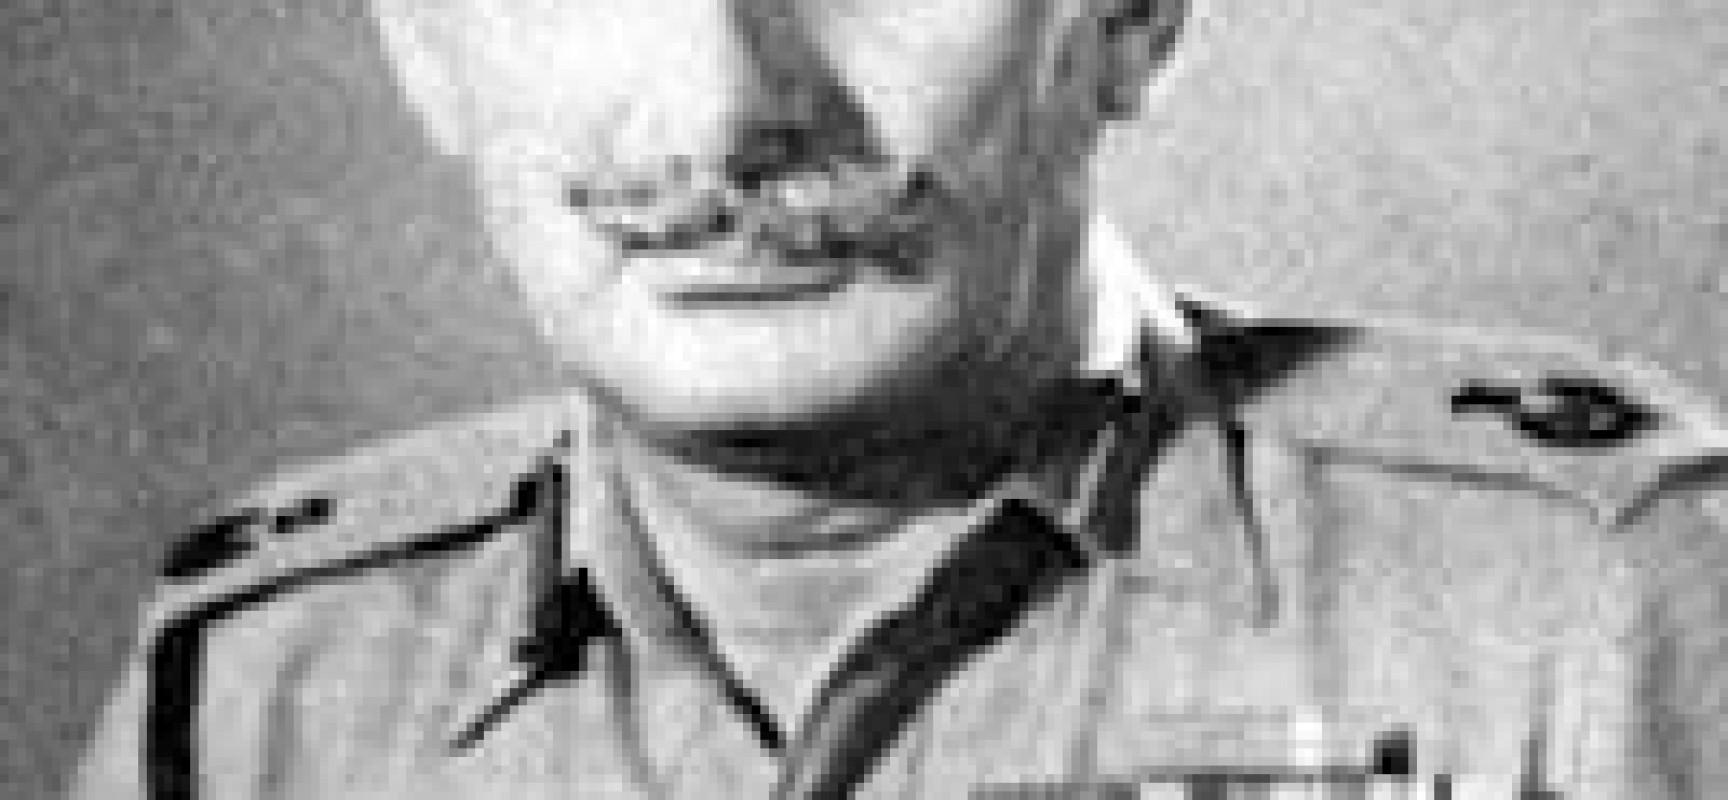 Field Marshal Sam 'Bahadur' Manekshaw